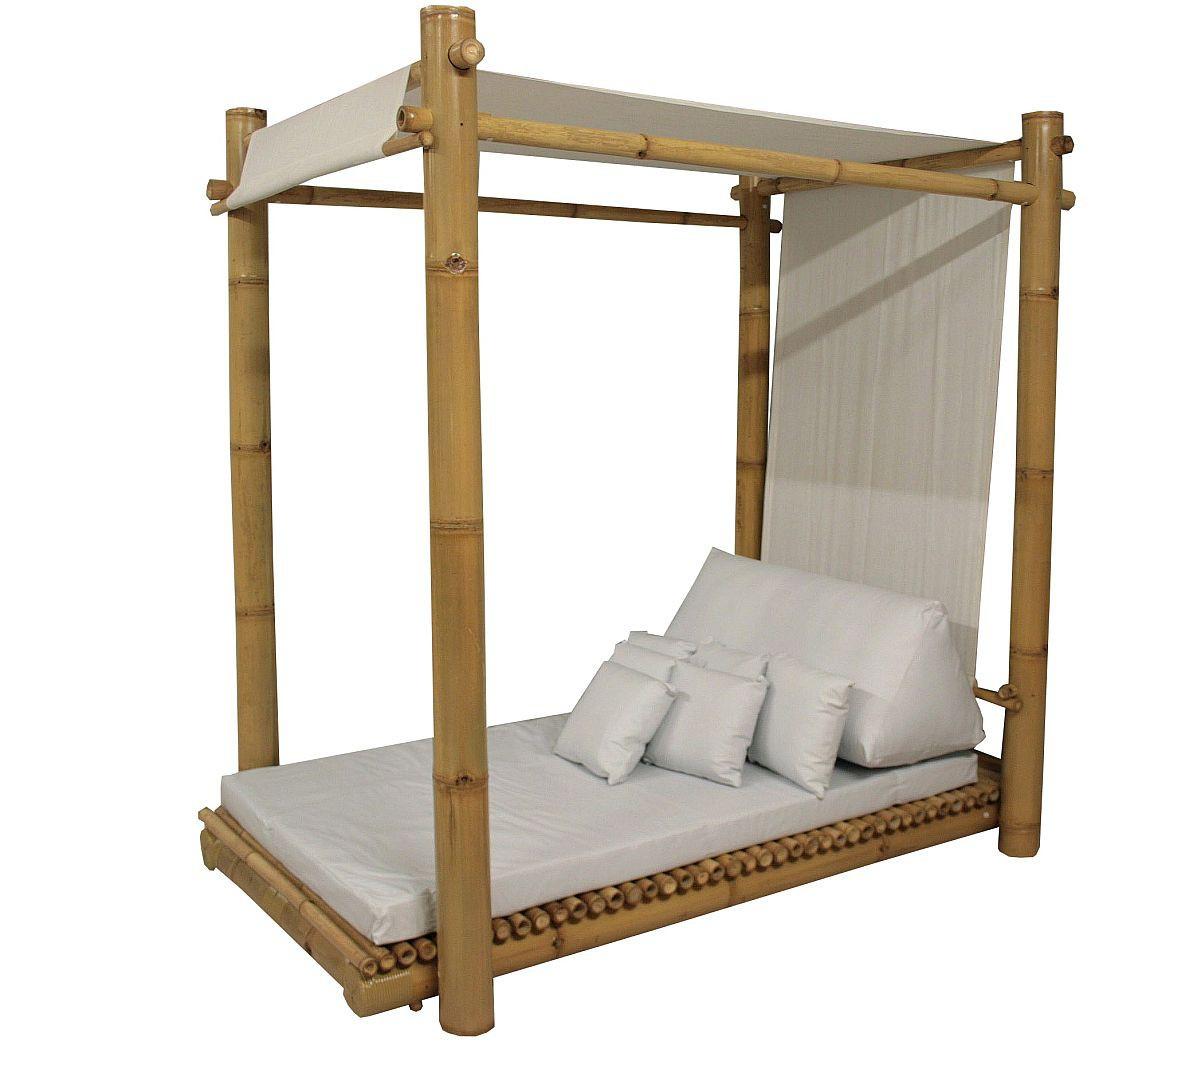 Full Size of Bali Bett Outdoor Kaufen Bambusbett Mit Himmel Amd Machts Mblich 56260001 1 Stauraum 200x200 Bette Floor Zum Ausziehen Hunde Tagesdecken Für Betten 160x220 Wohnzimmer Bali Bett Outdoor